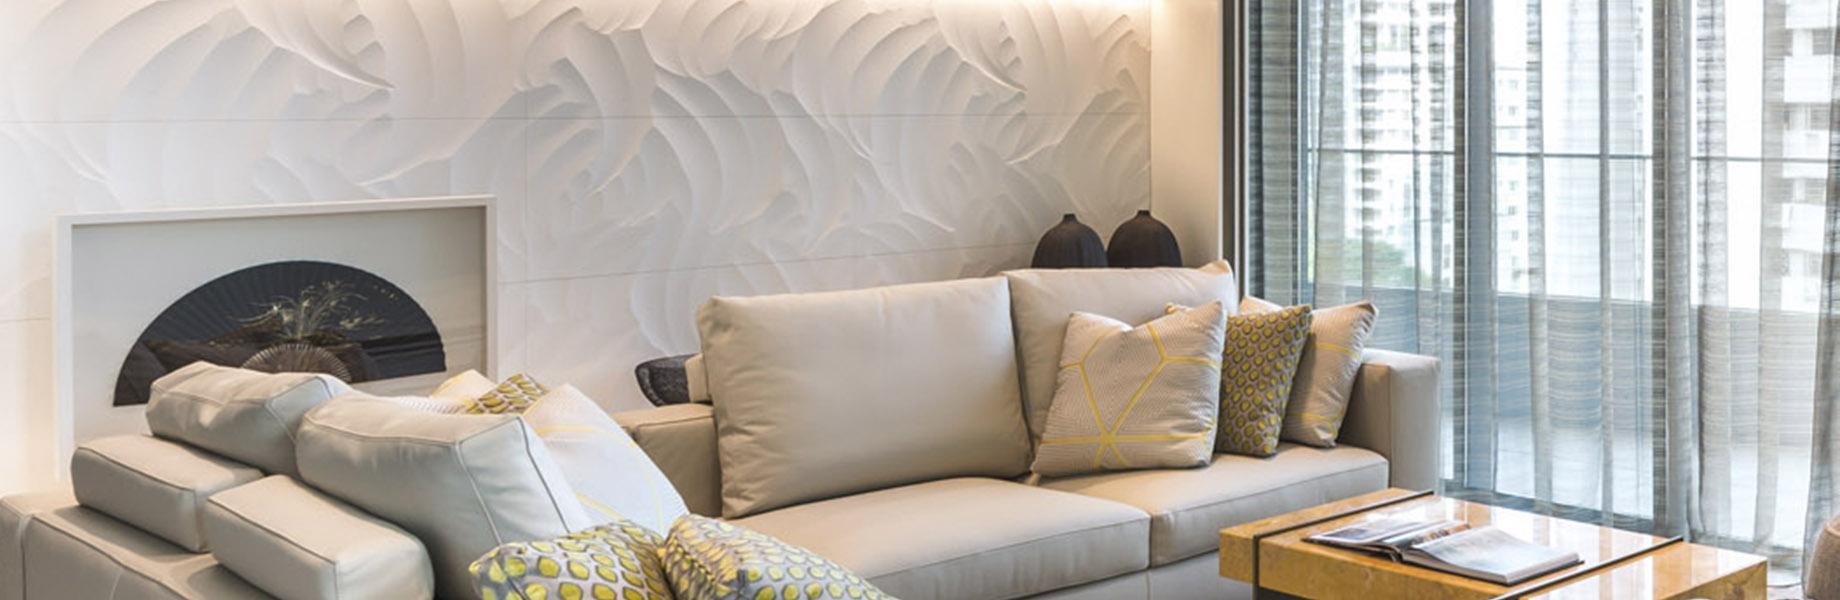 LithosDesign_textura de paredes_vello